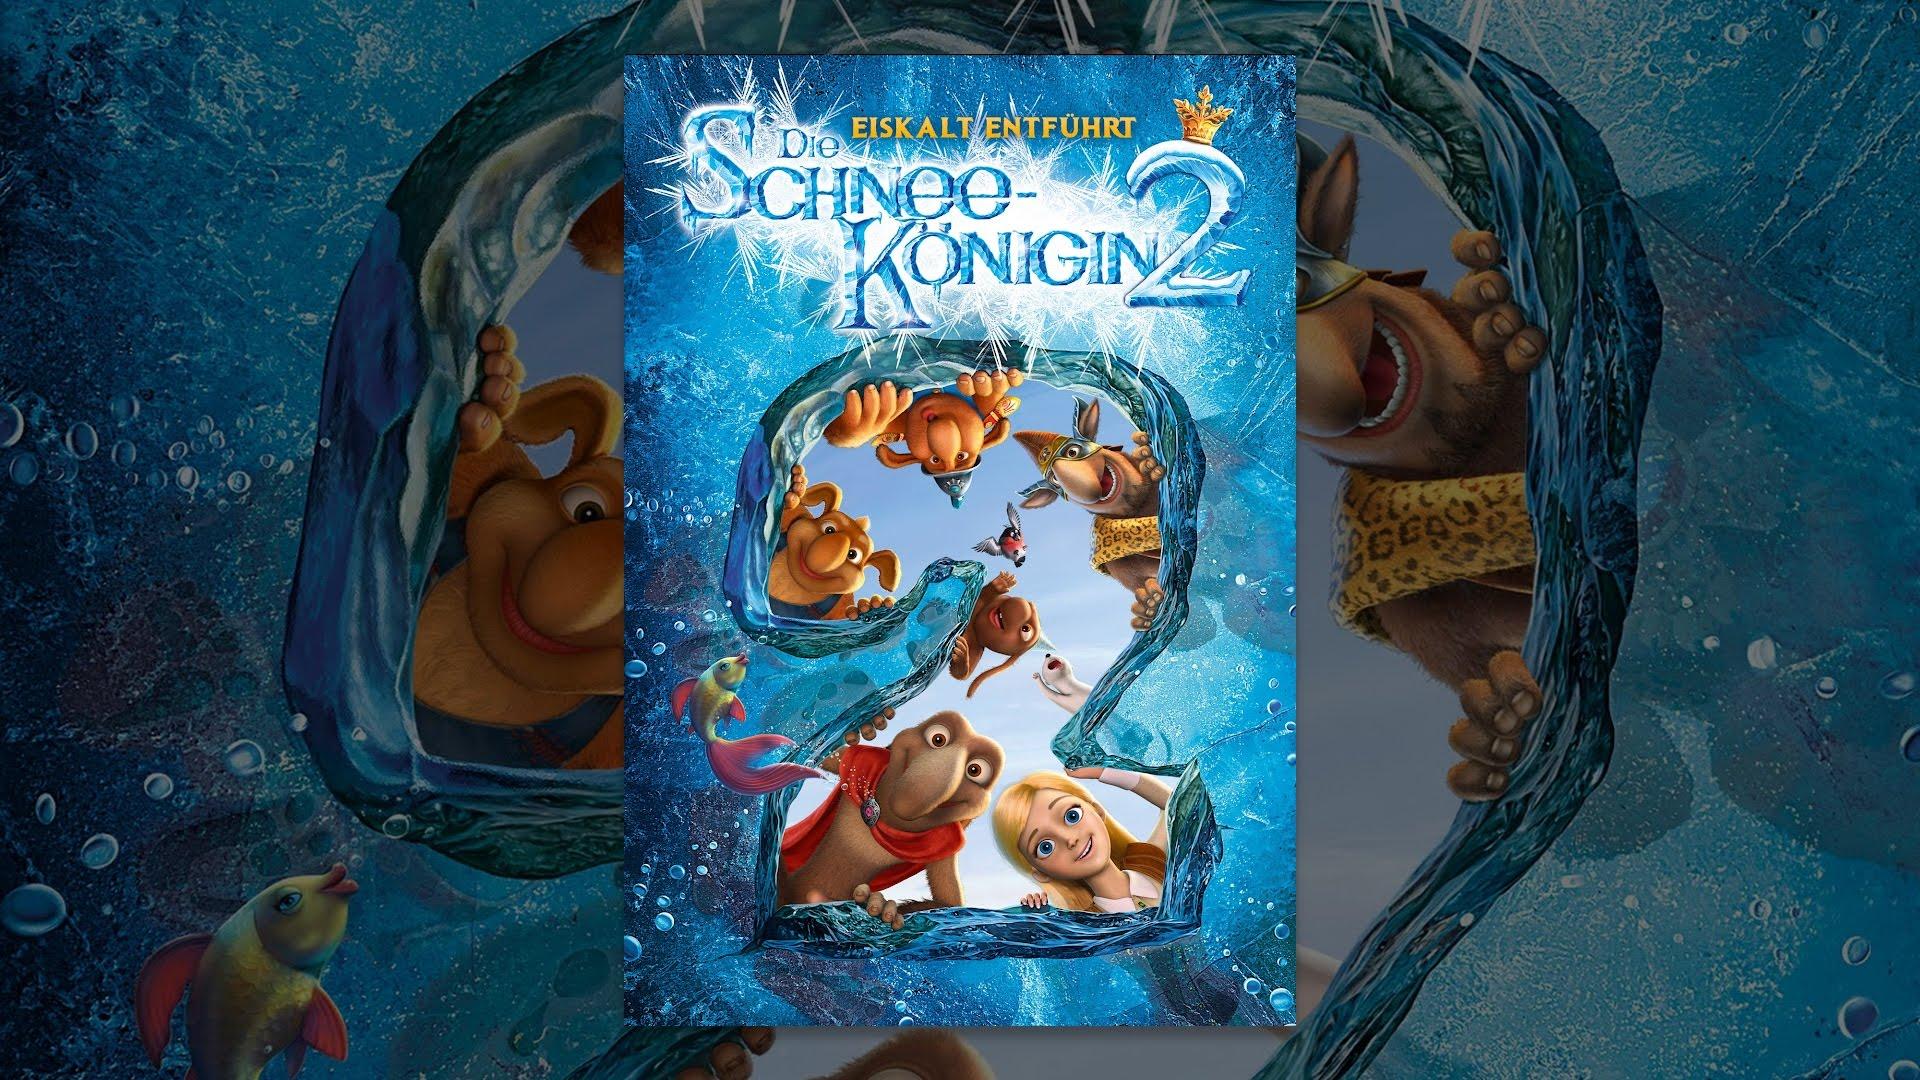 Die Schneekönigin 2 Eiskalt Entführt